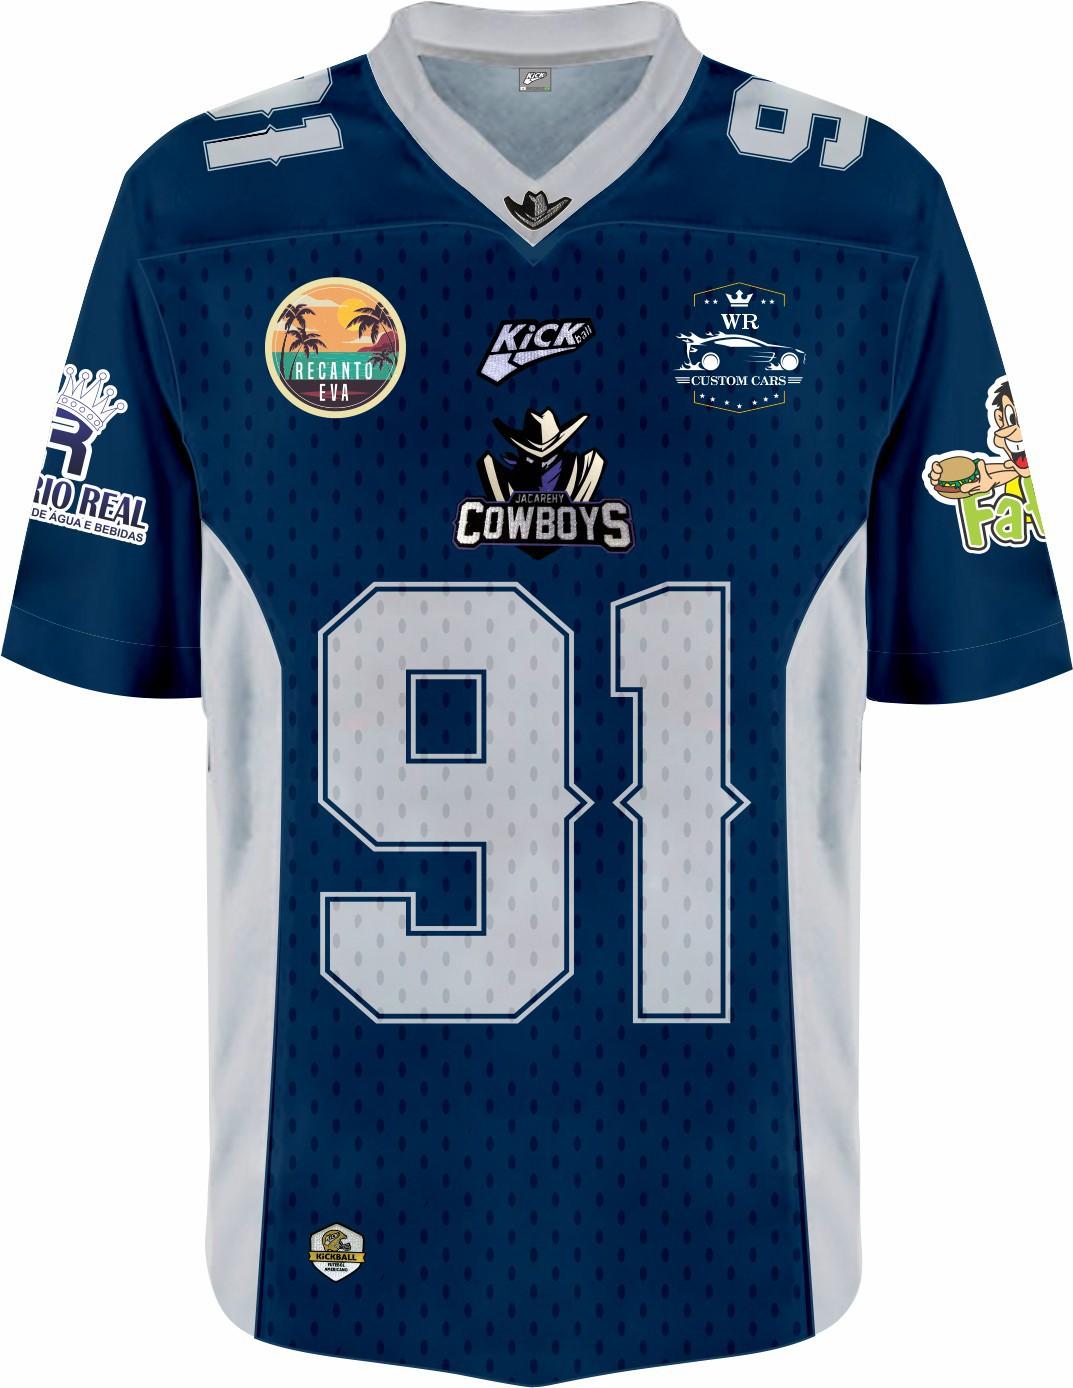 Camisa Of.  Jacarehy Cowboys Jersey Plus Inf. Mod2